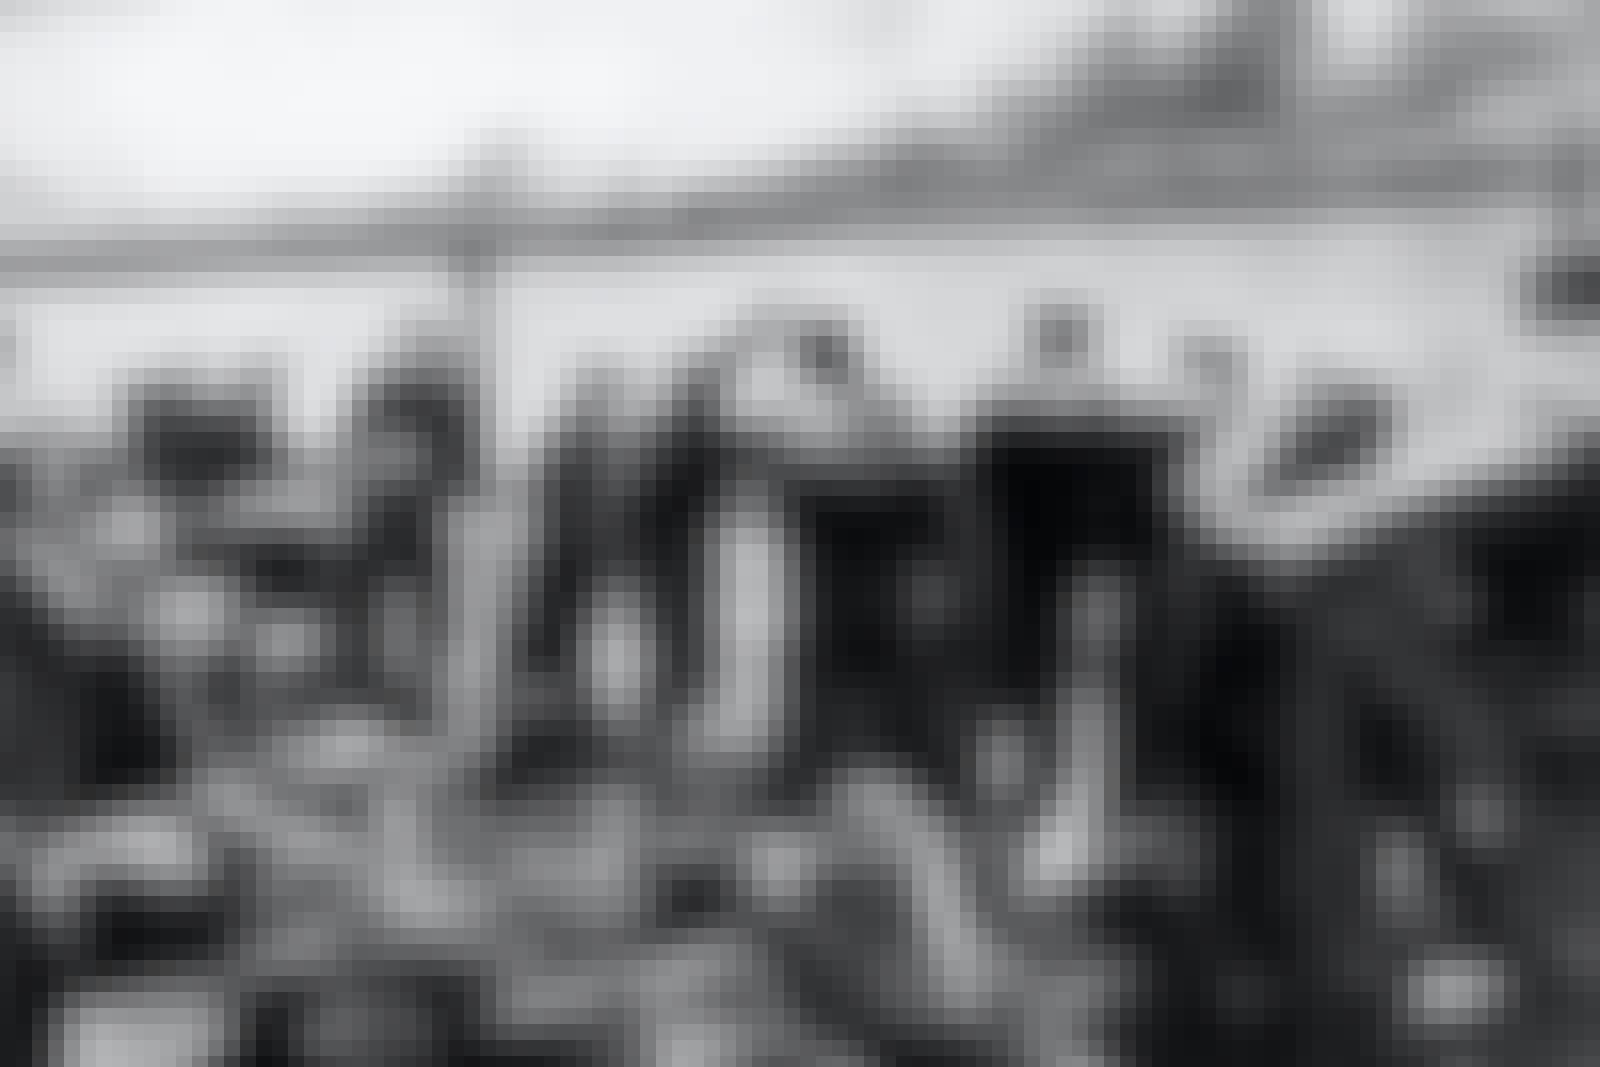 Franske soldater i Dunkirk